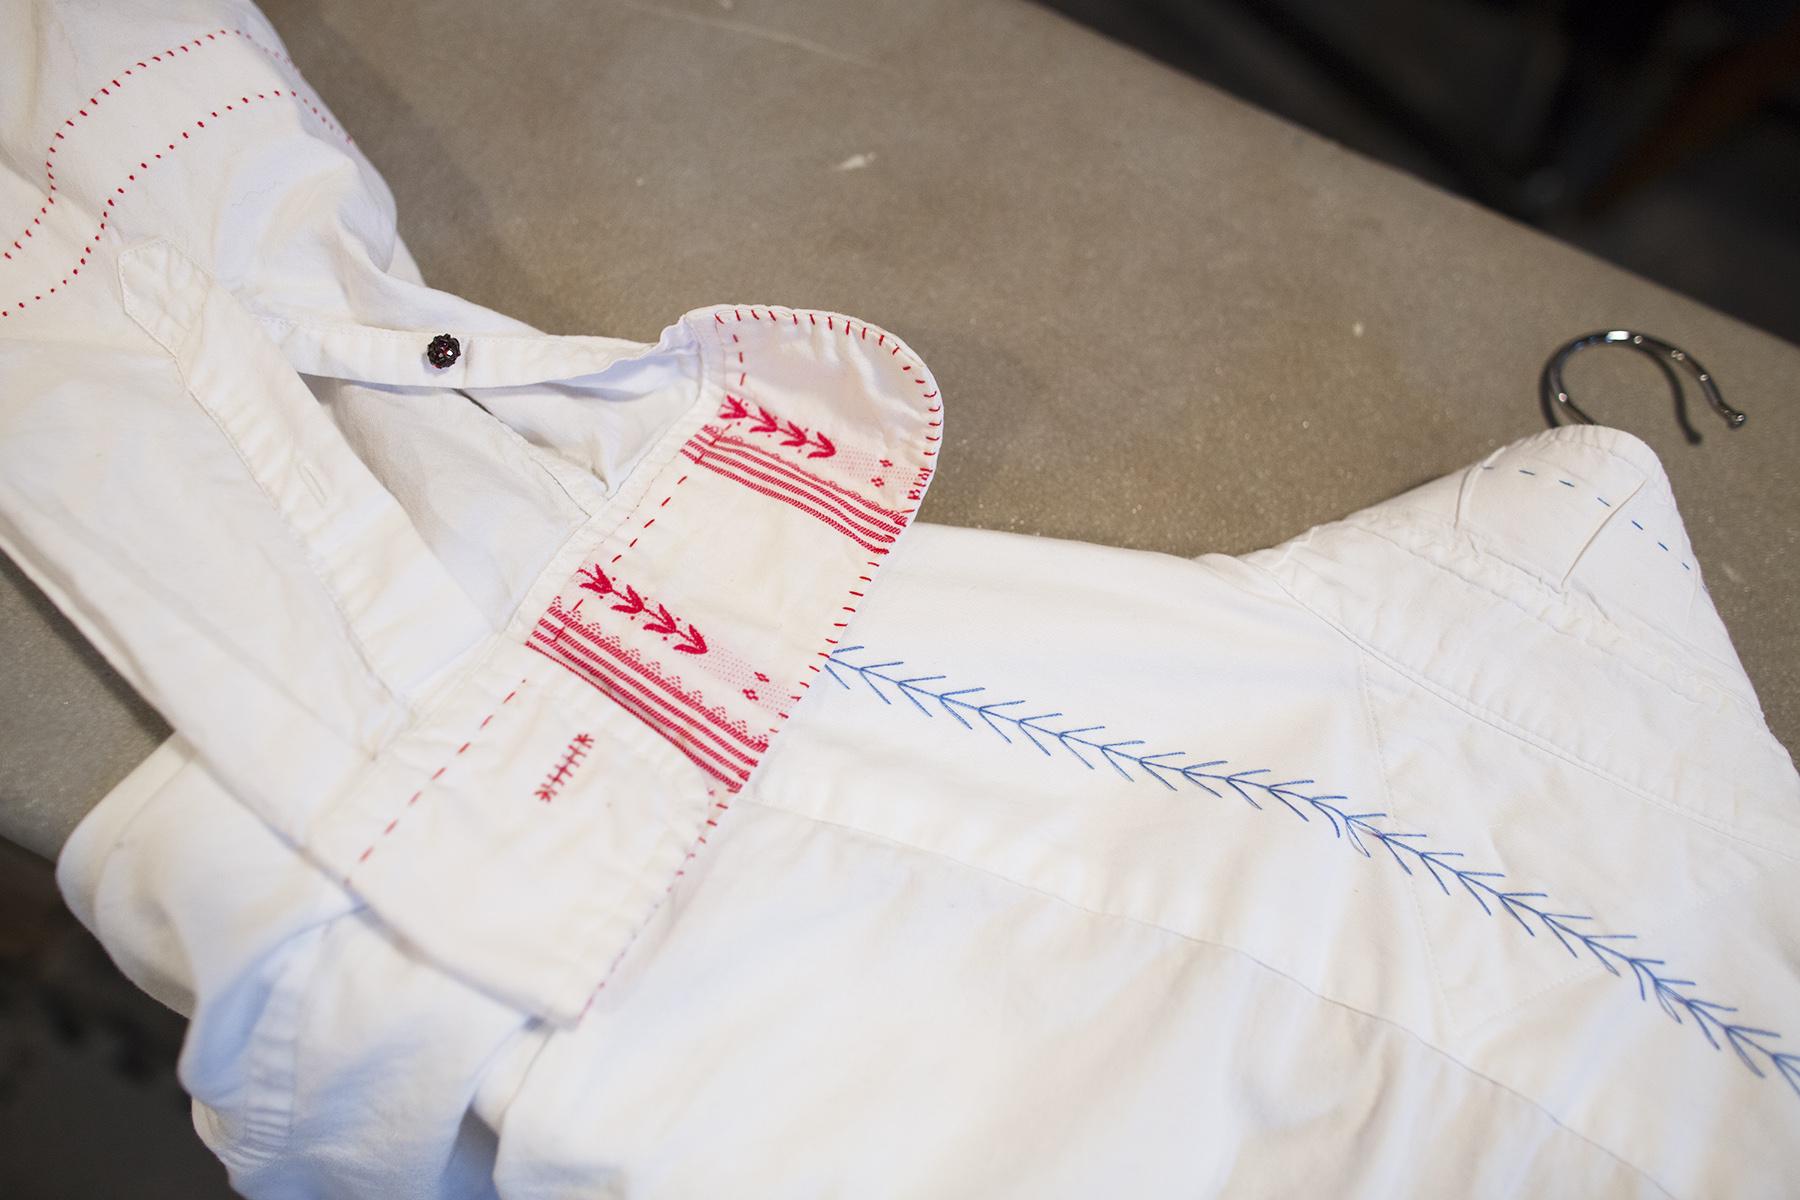 stitch-detail1.jpg